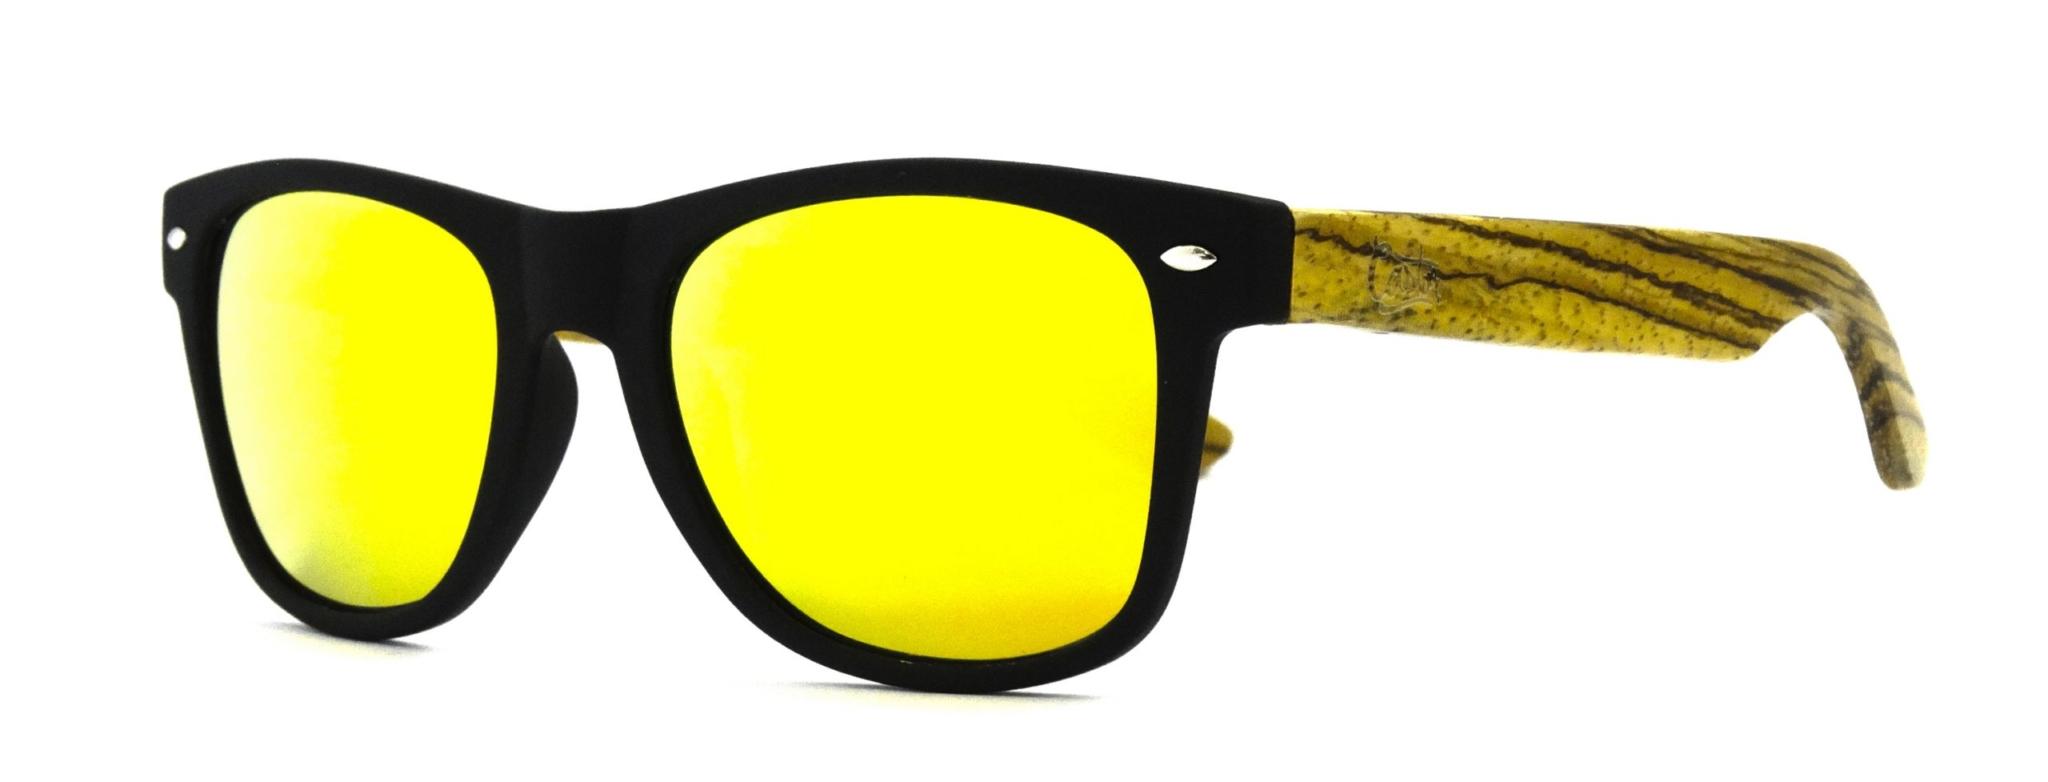 47b38112-95b-gafas-de-sol